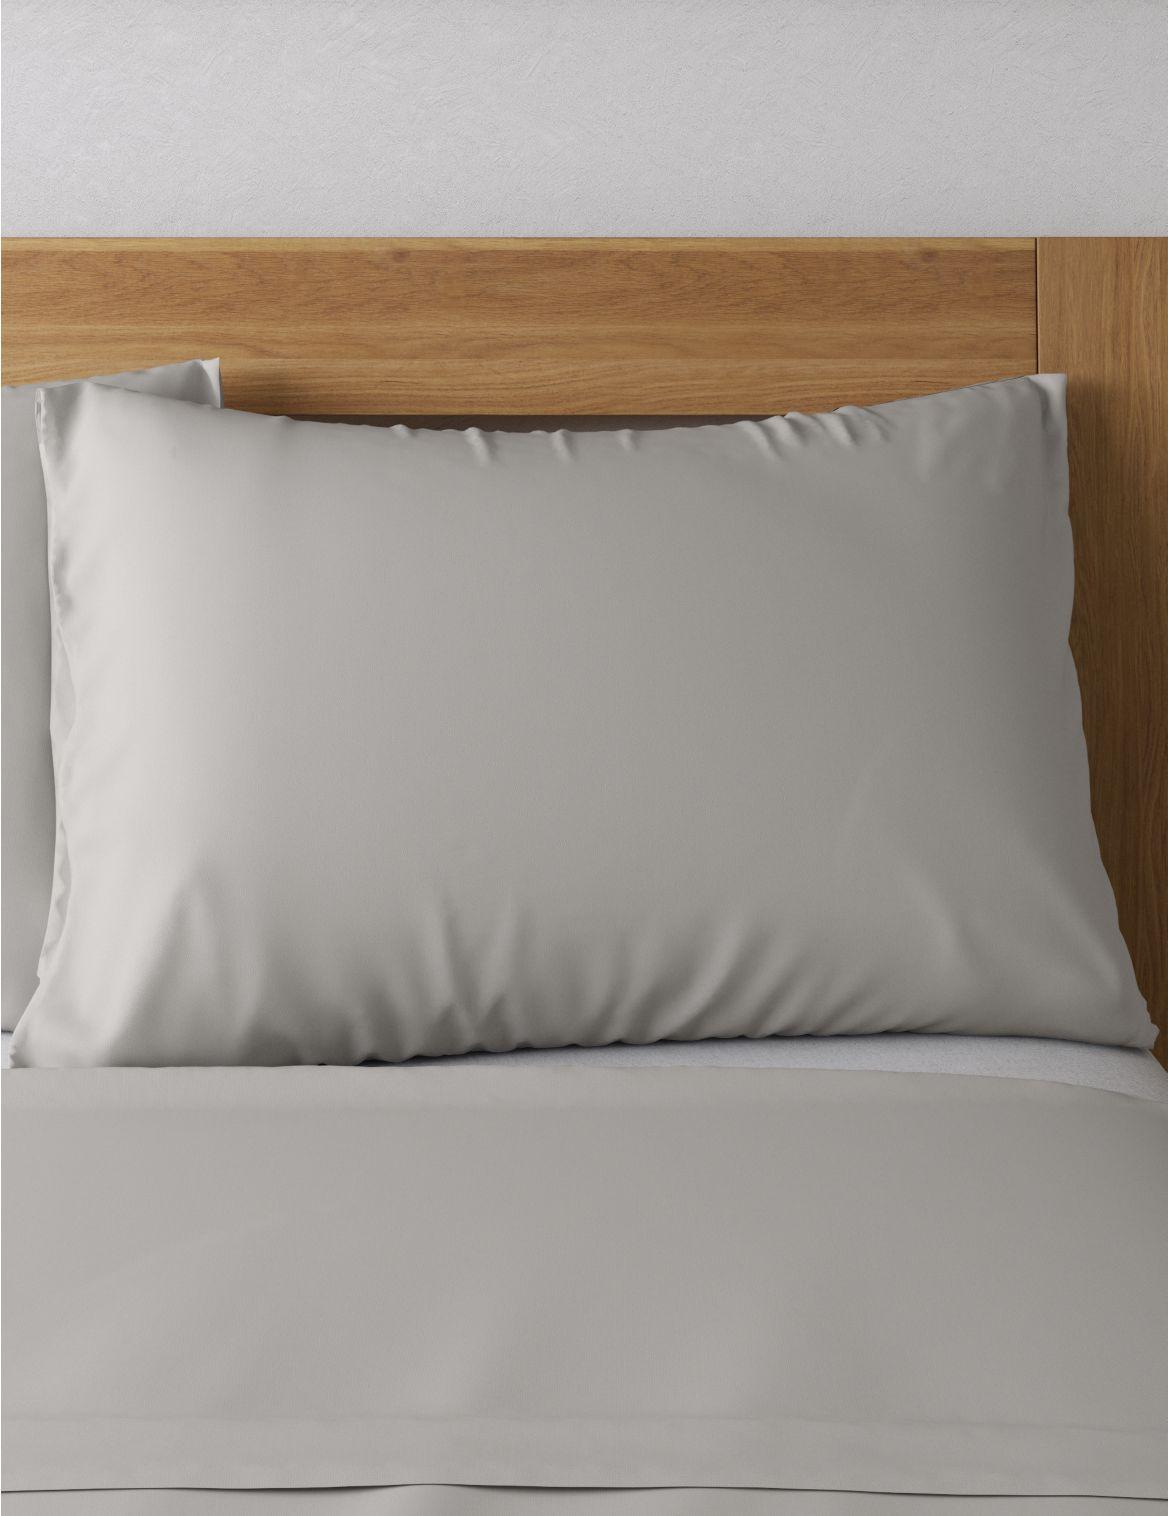 Egyptian Cotton 400 Thread Count Percale Standard Pillowcase Grey